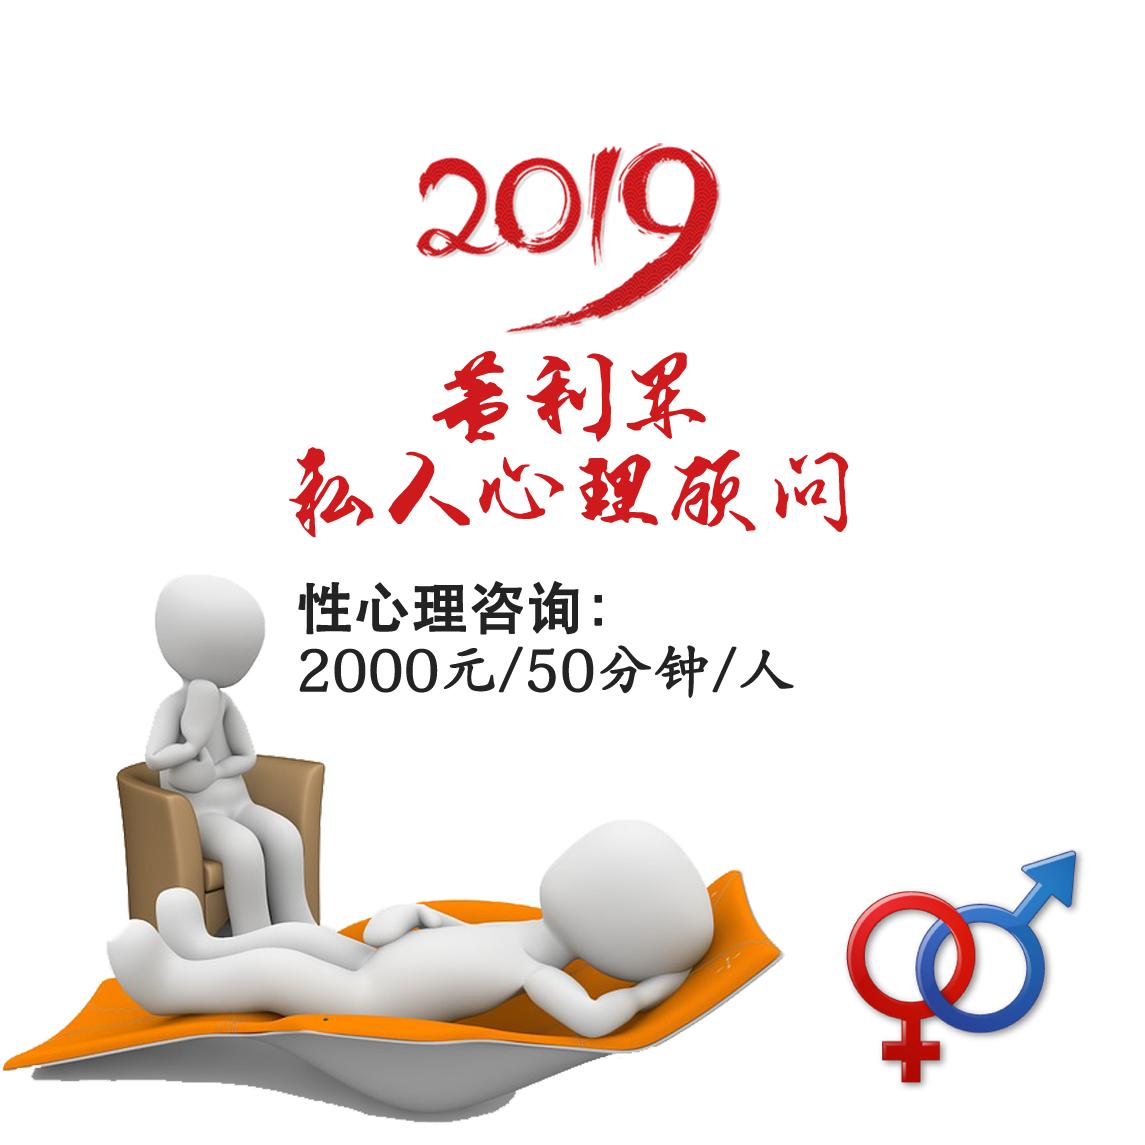 董利军老师性心理咨询